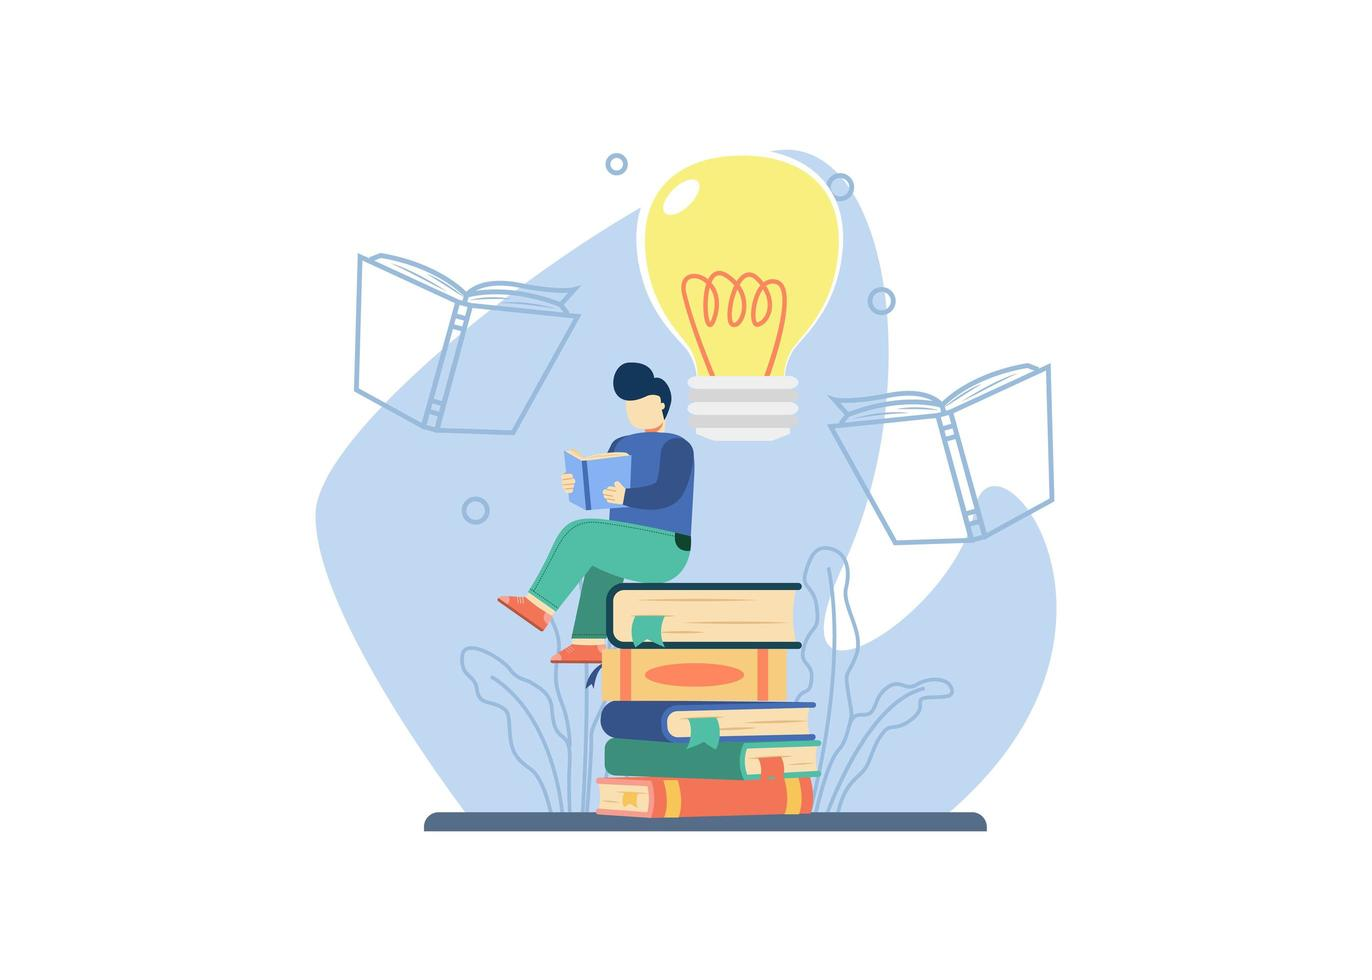 onderwijs en onderzoek concept vector